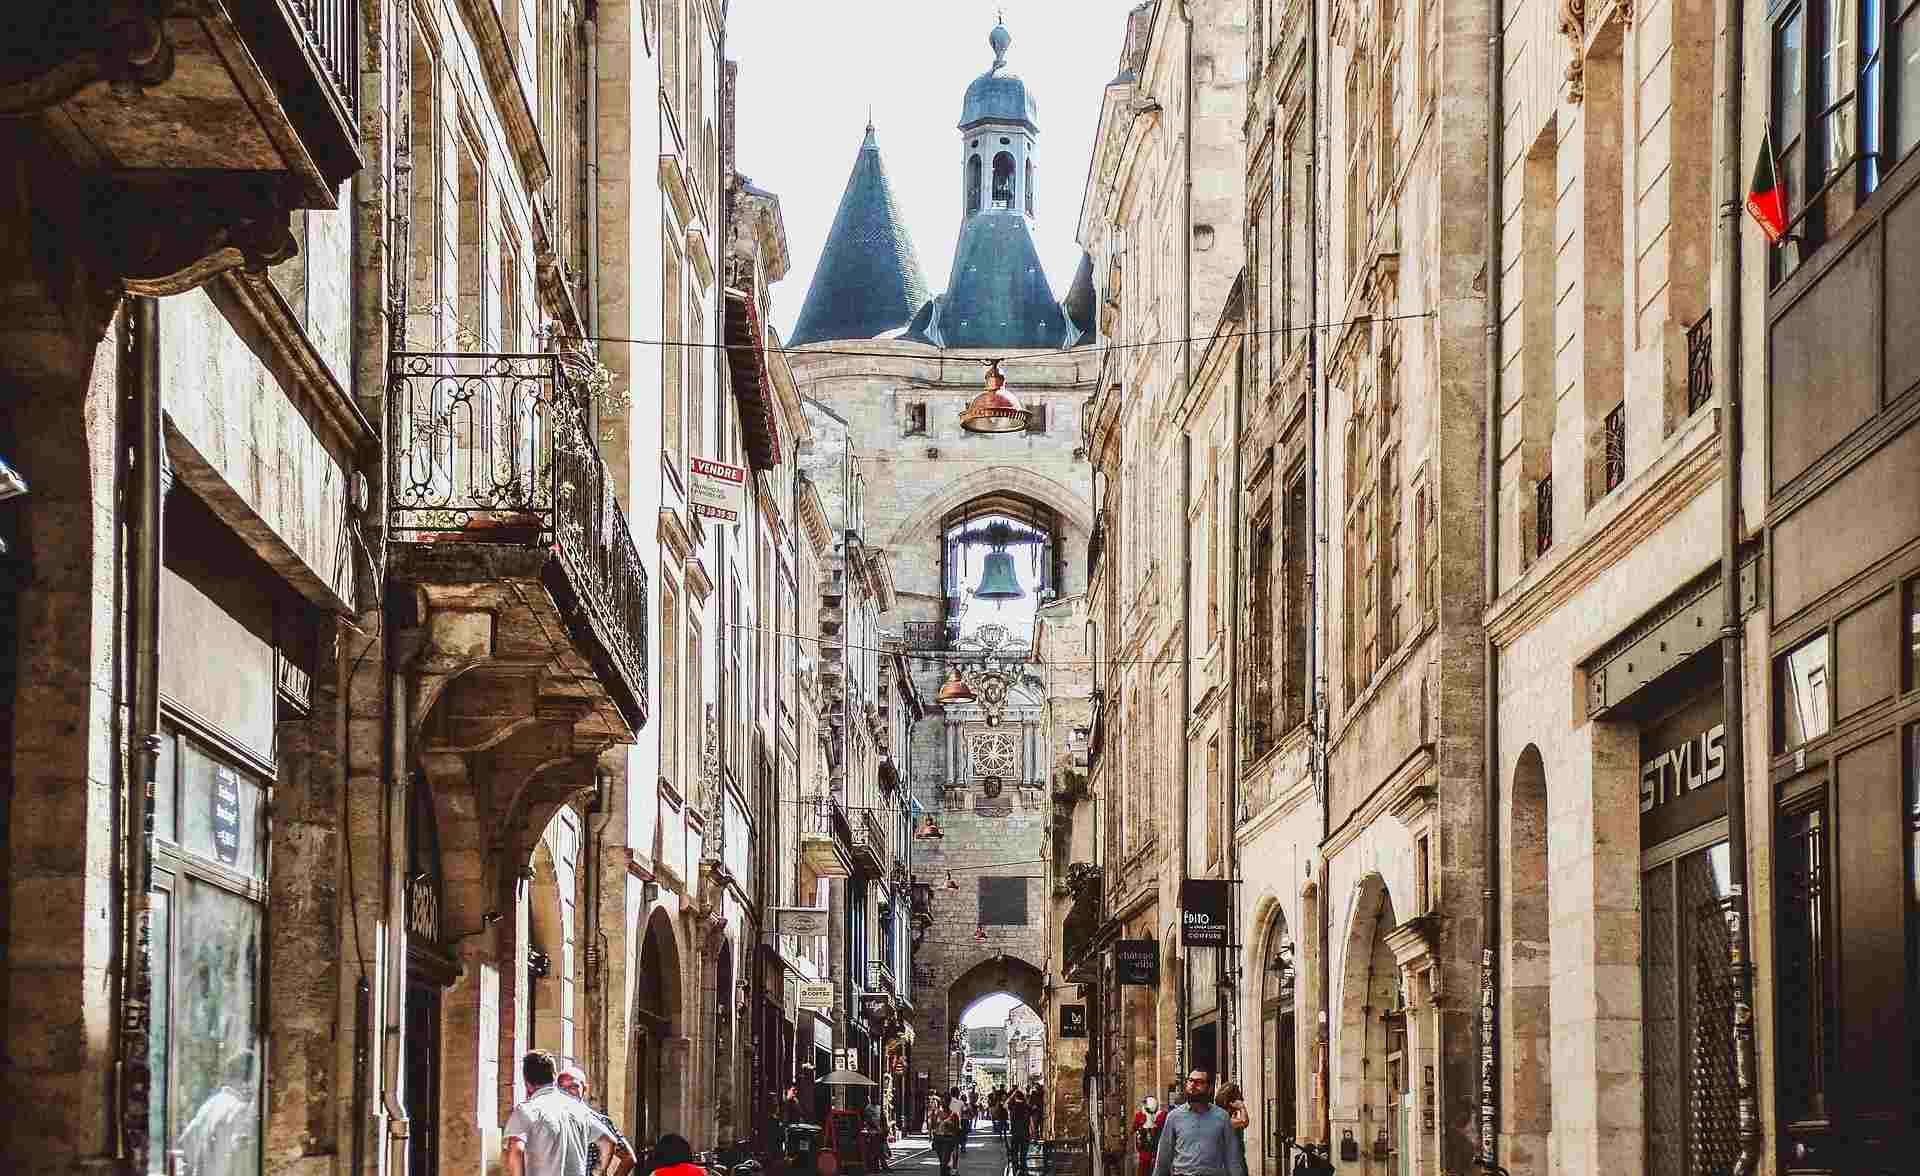 Old Town Bordeaux image